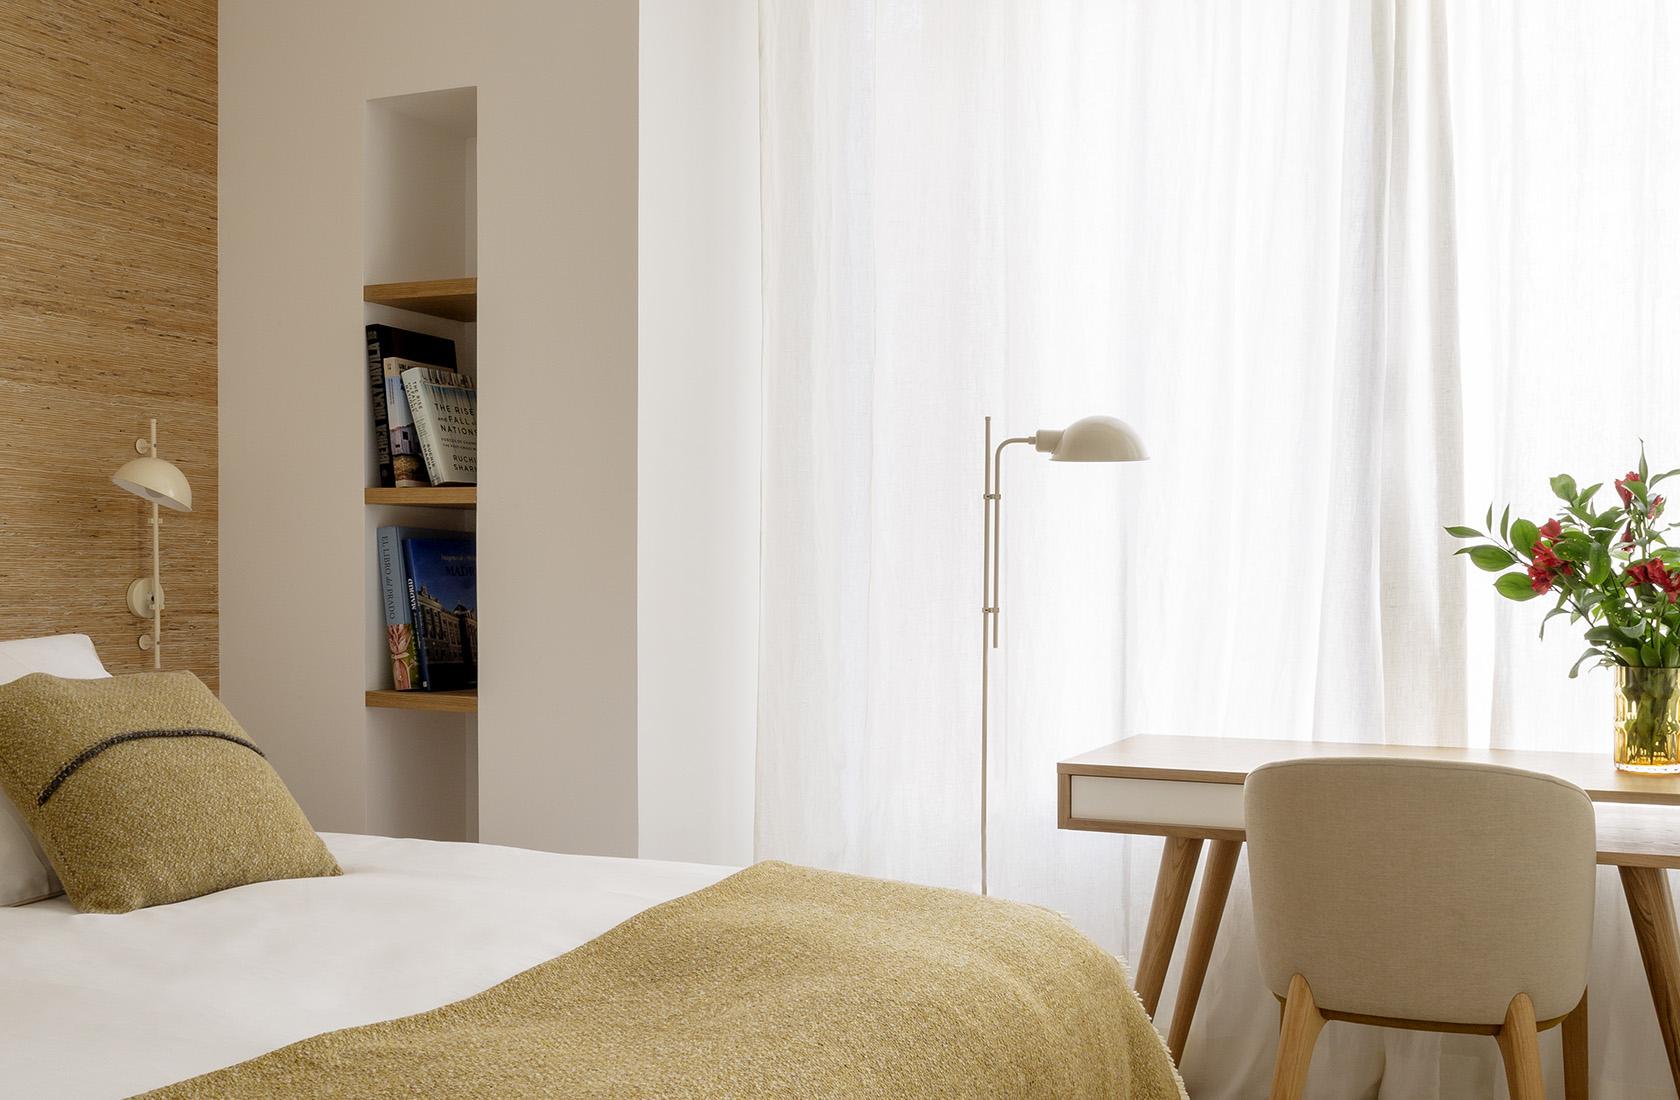 Detalle del dormitorio reformado del Ático sobre el Parque del Retiro. Habitación en tonos ocres.